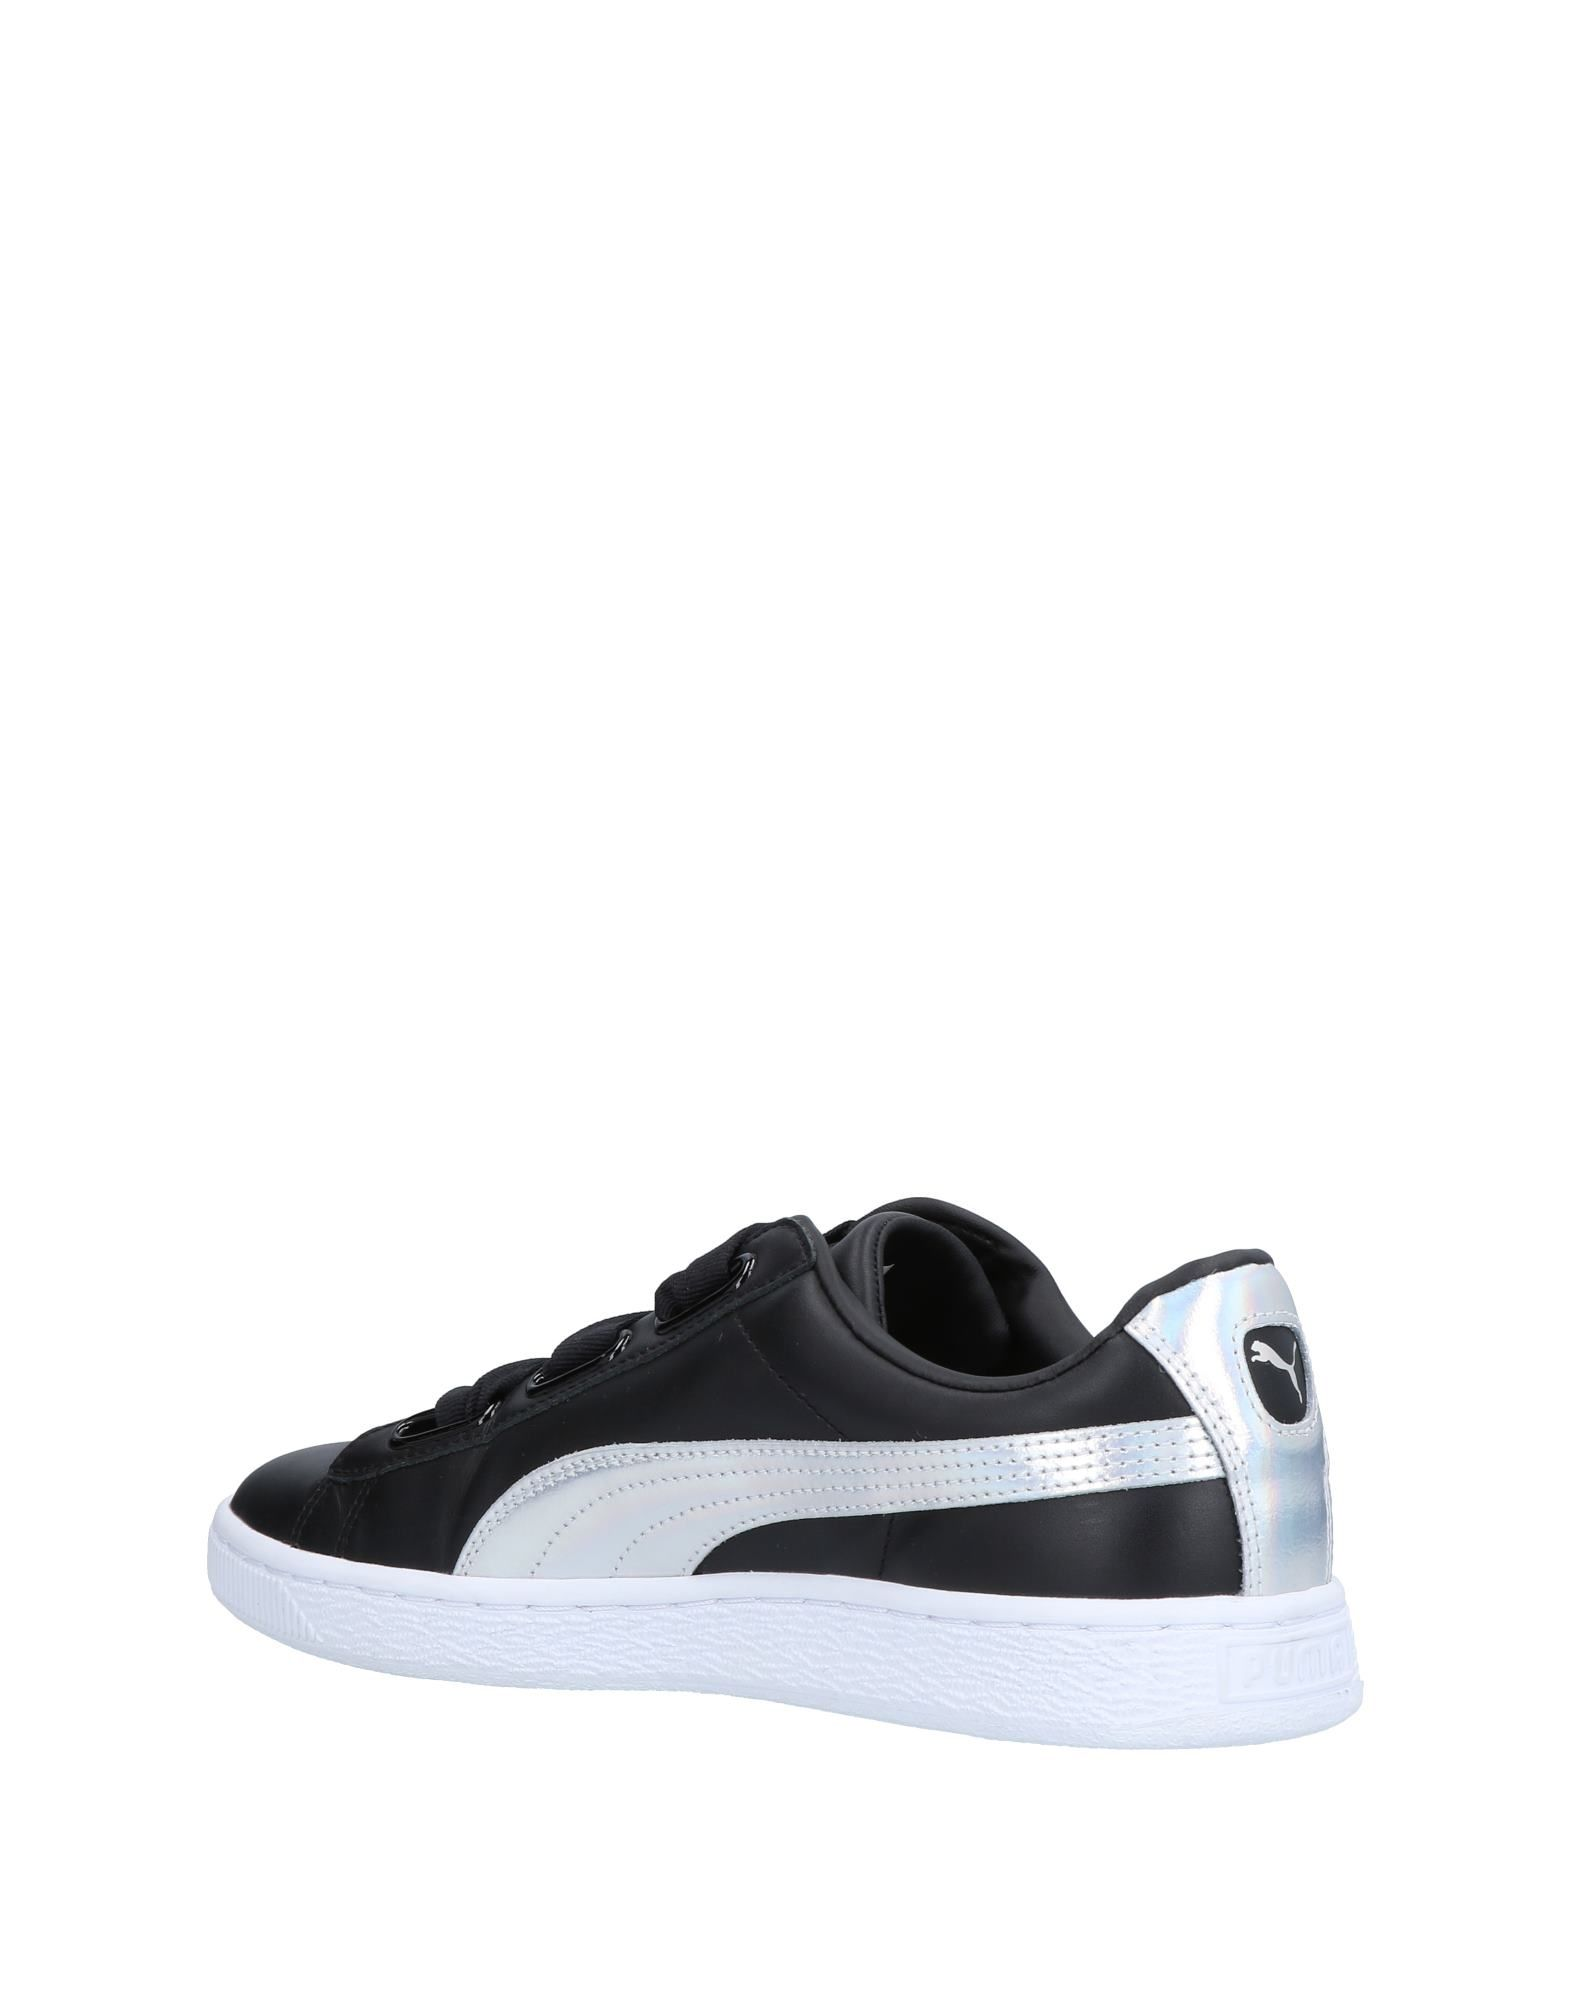 Puma Sneakers Damen  beliebte 11505579TG Gute Qualität beliebte  Schuhe 134e36